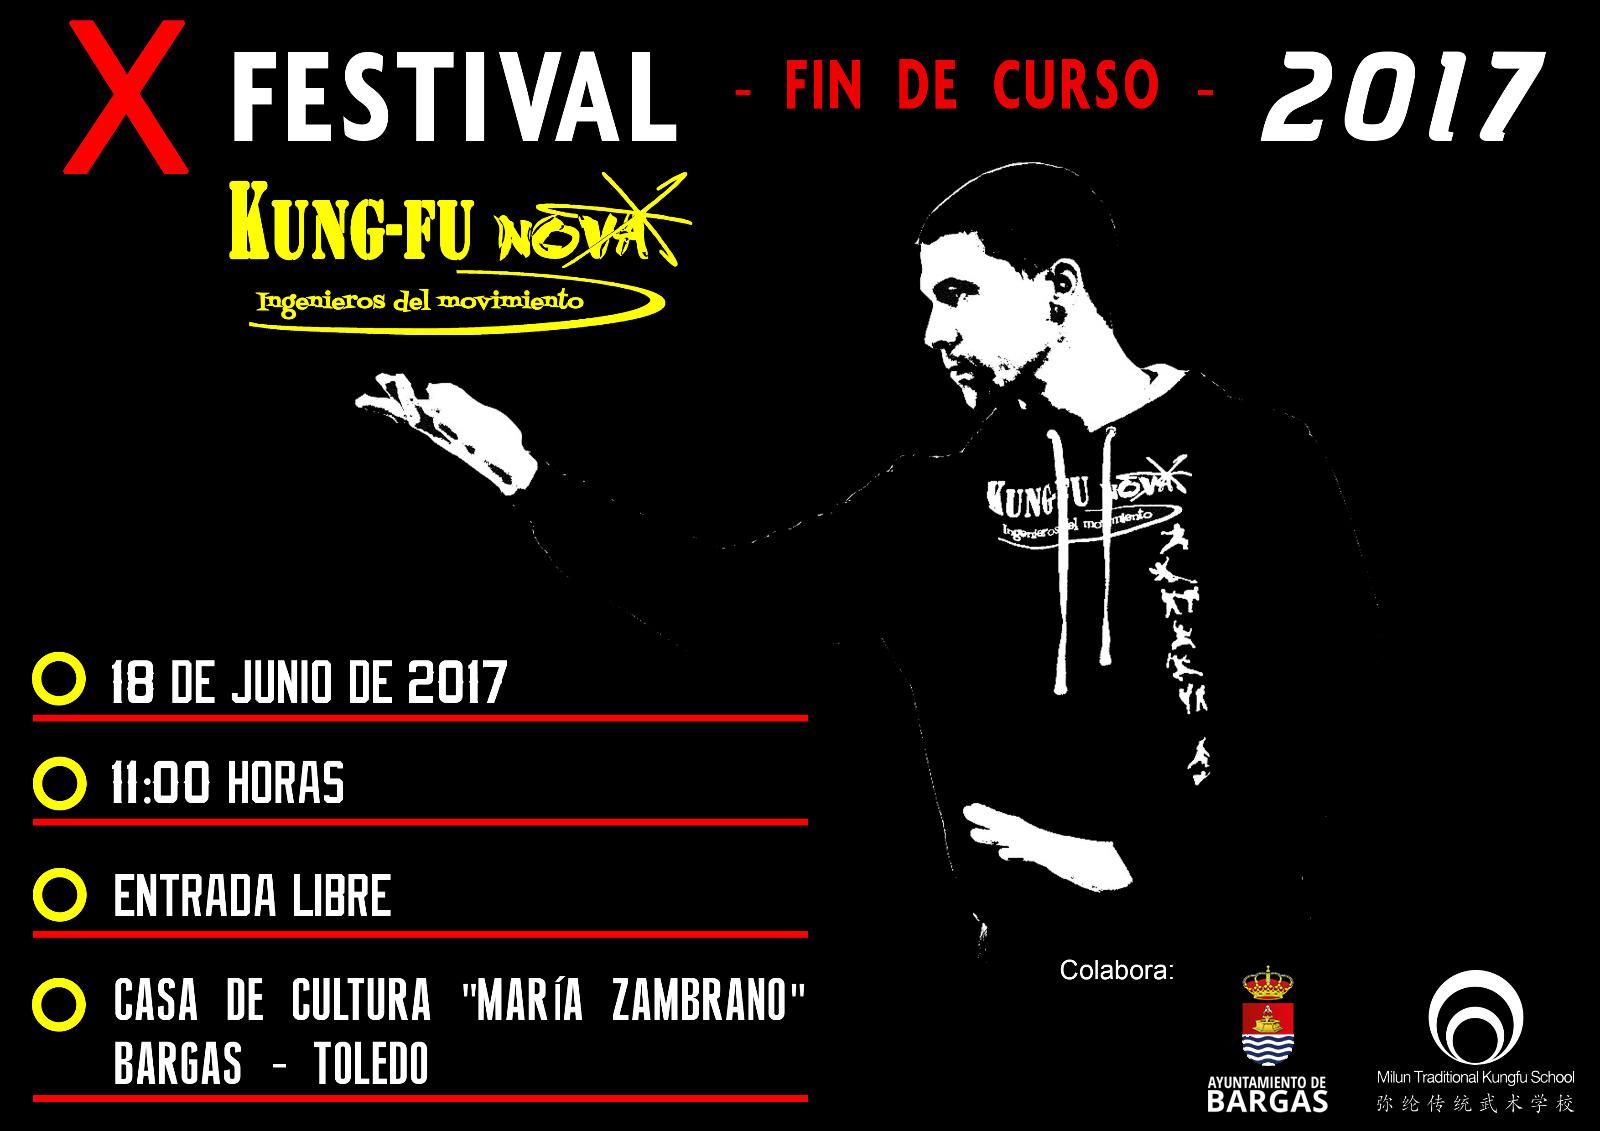 X Festival Fin de Curso – Kung Fu Nova